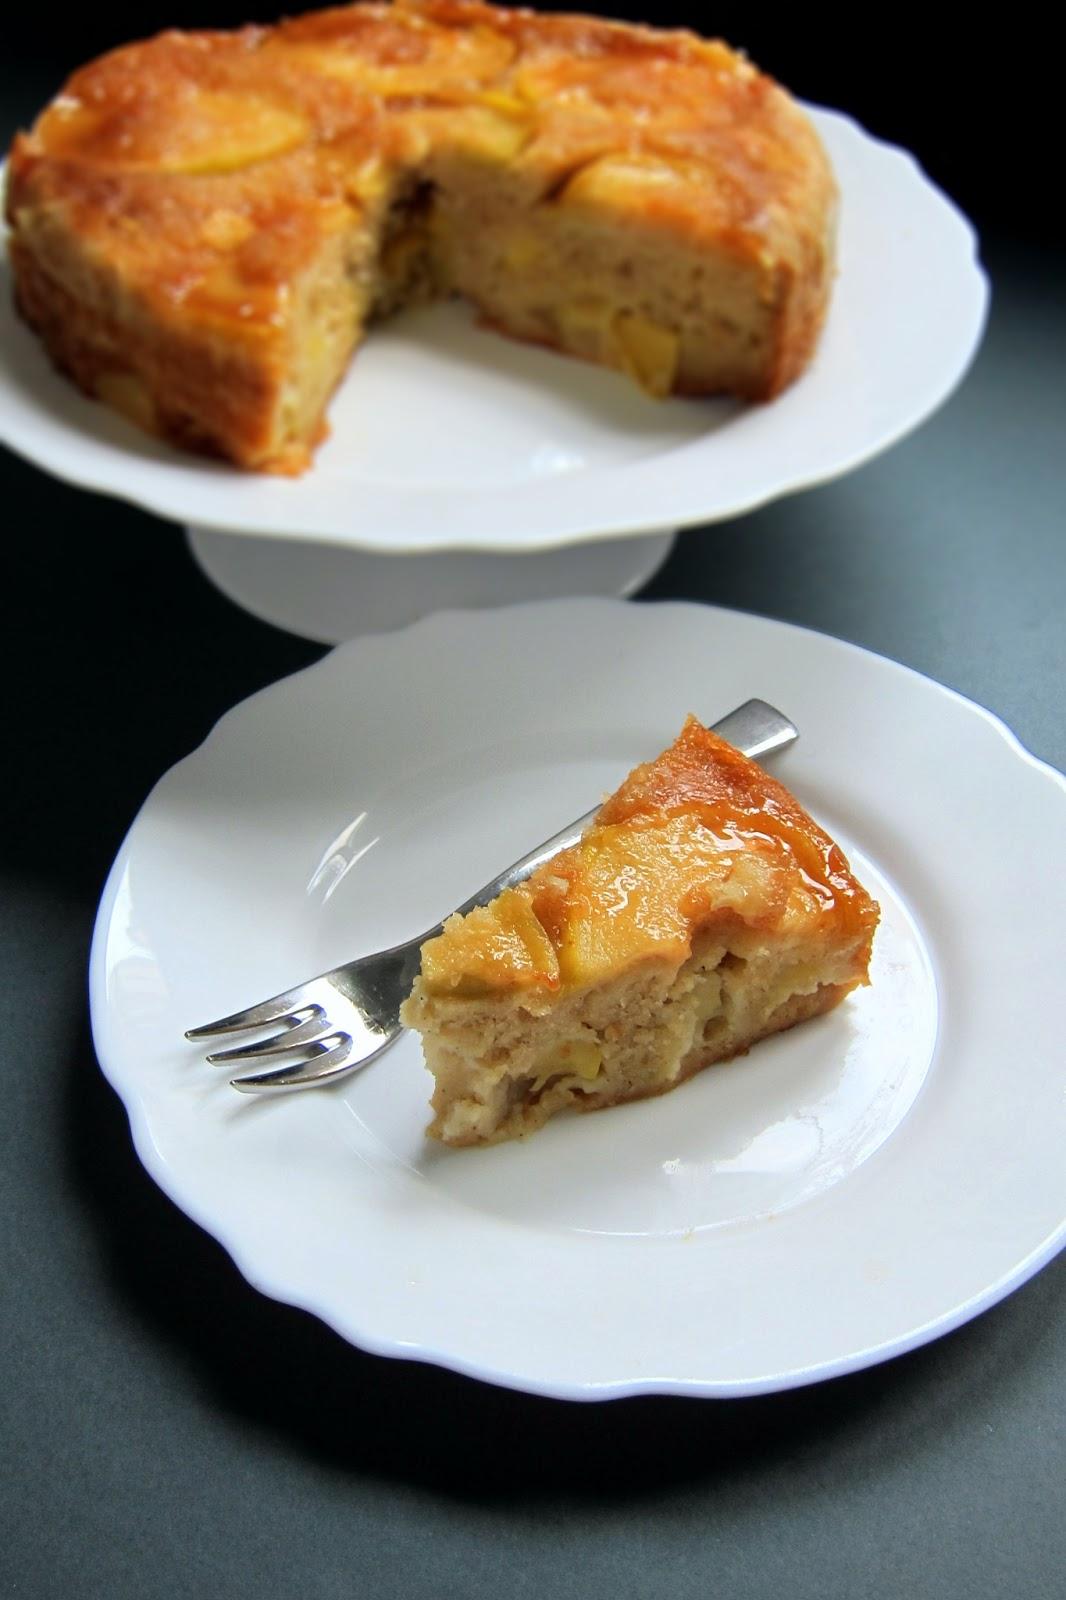 Peach Caramel Cake